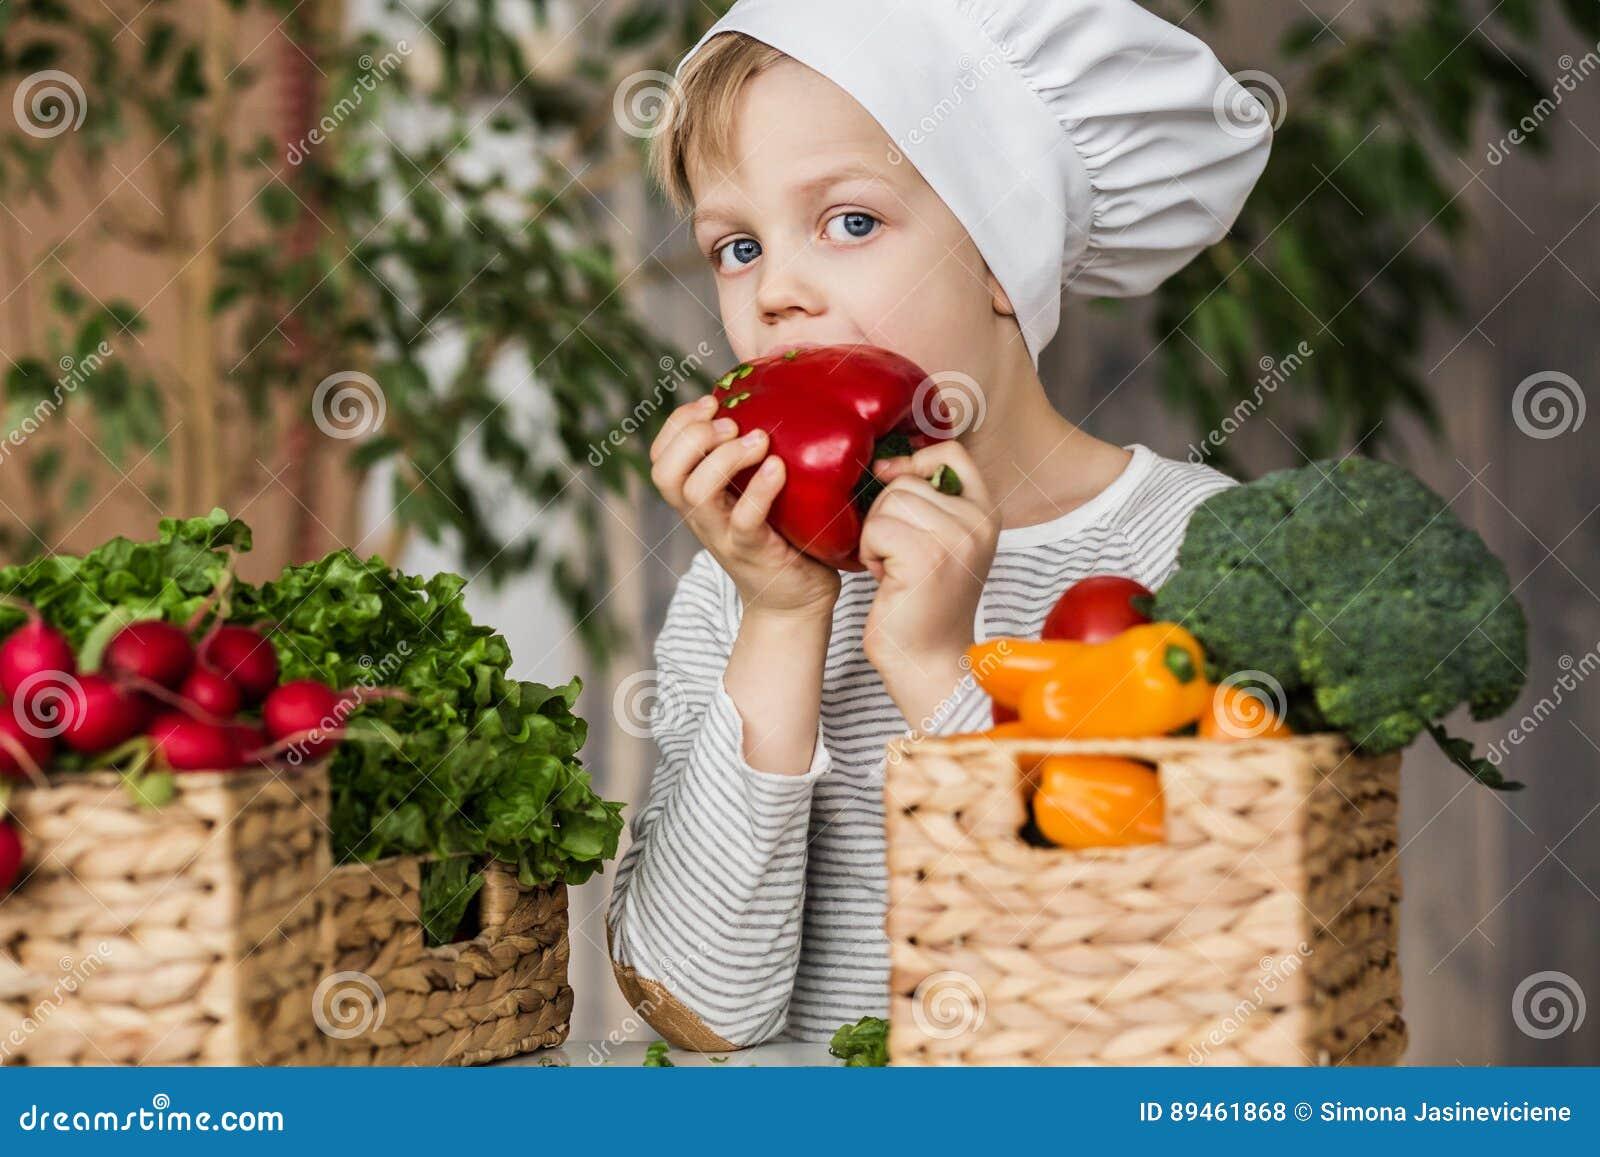 hübsches kleinkind in der chefuniform mit gemüse in der küche zu ... - Kleinkind Küche